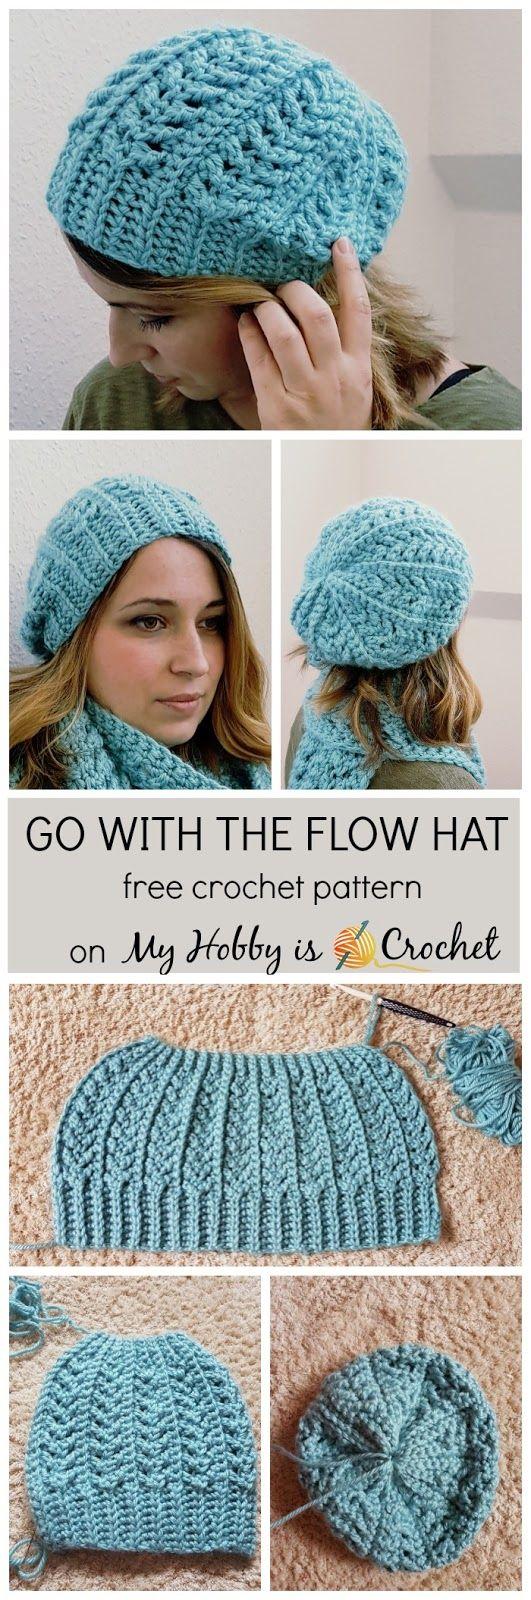 crochet hats https://i.pinimg.com/736x/a2/0e/0d/a20e0d3965e50b2... cveigpq